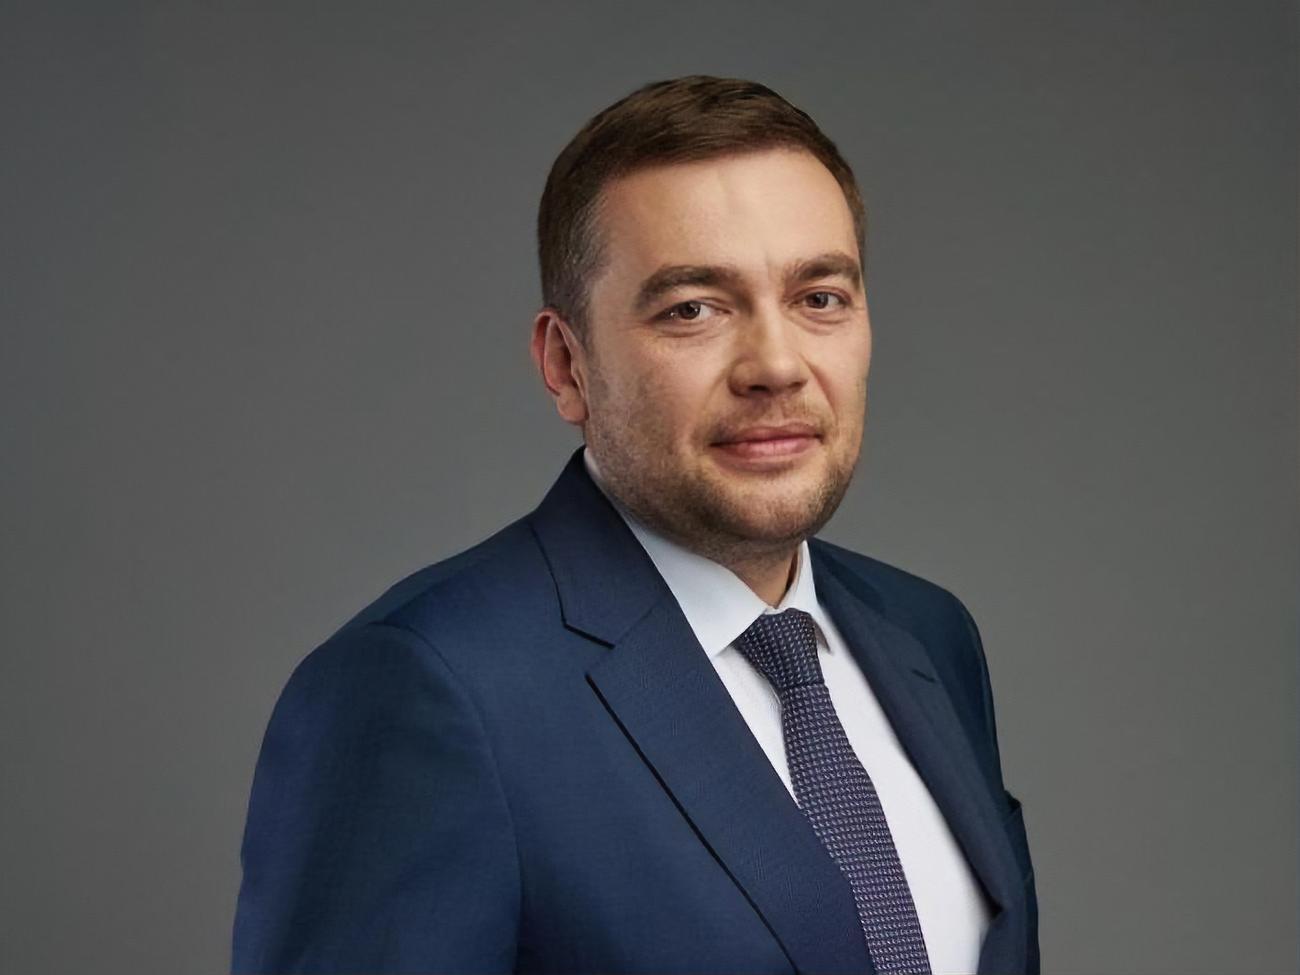 Капітальні інвестиції в АПК наступного року зменшаться на 30% – колишній в.о. міністра АПК Максим Мартинюк